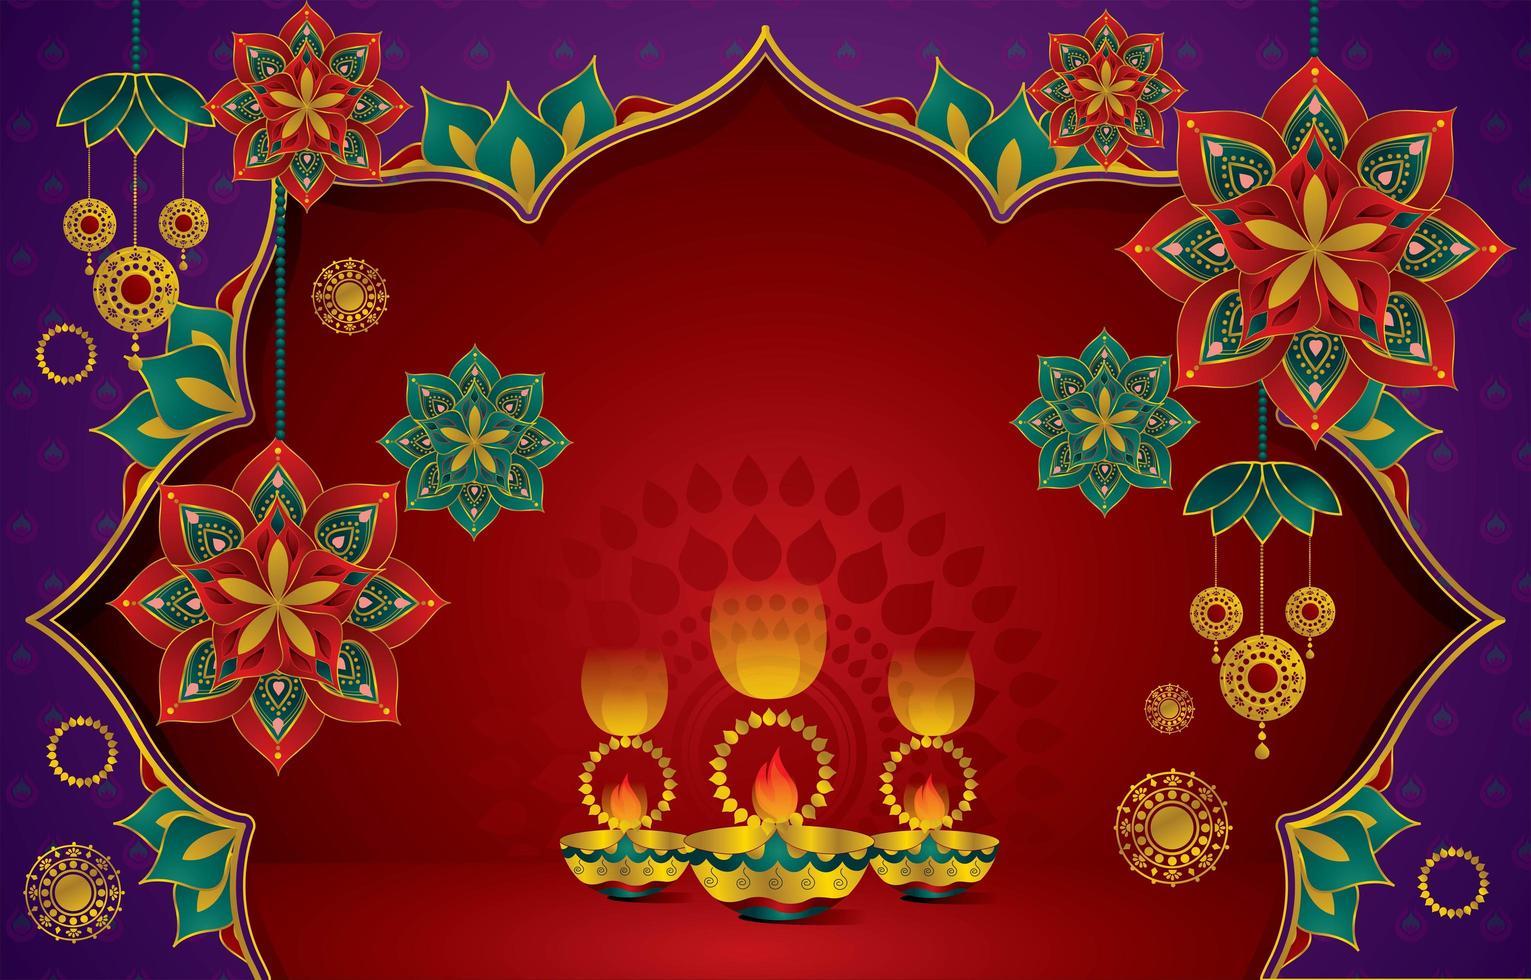 fond pour la célébration du festival de diwali en inde vecteur